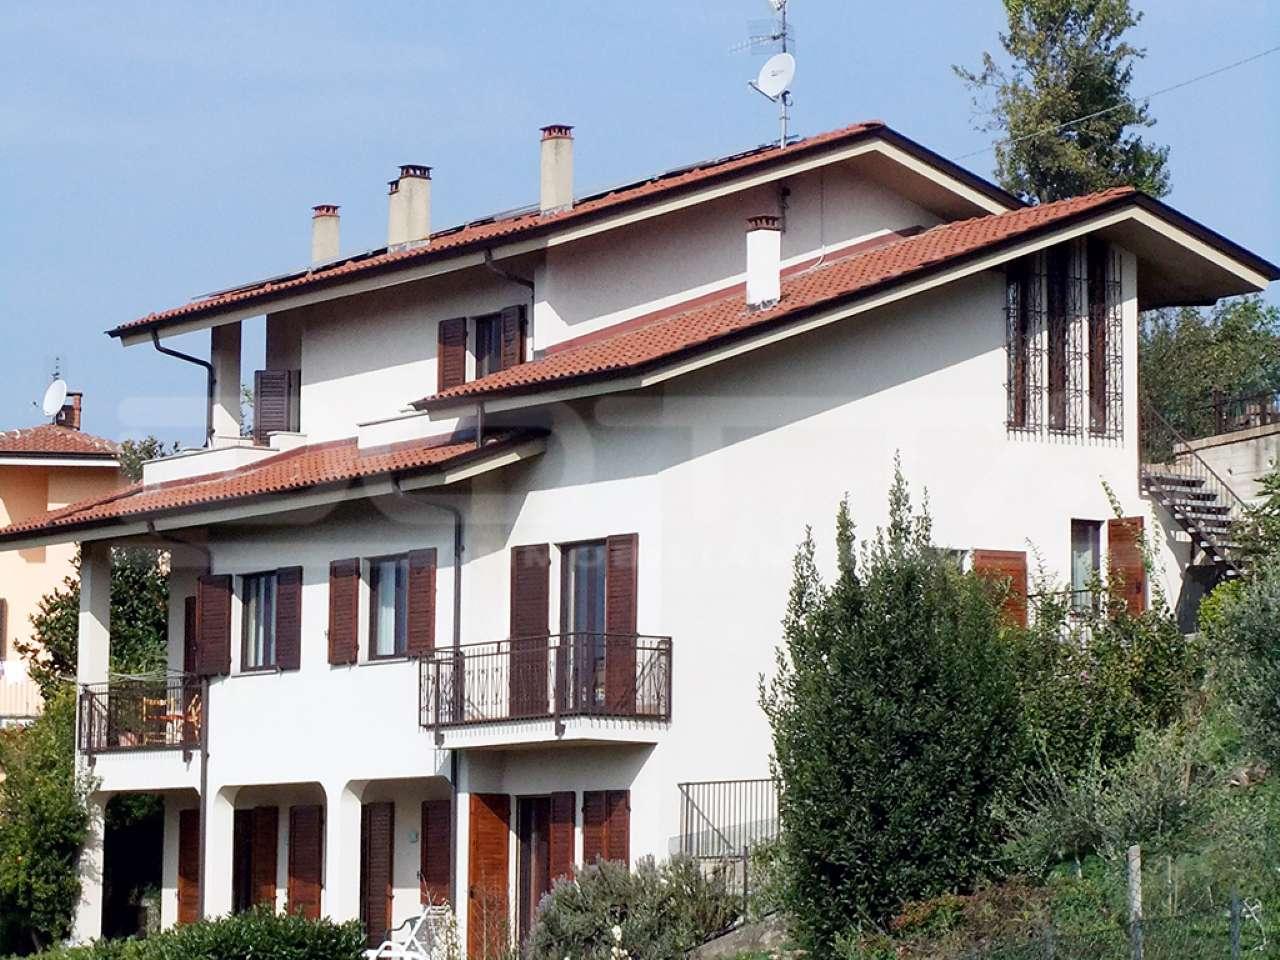 Soluzione Indipendente in vendita a Montelupo Albese, 8 locali, prezzo € 390.000 | CambioCasa.it